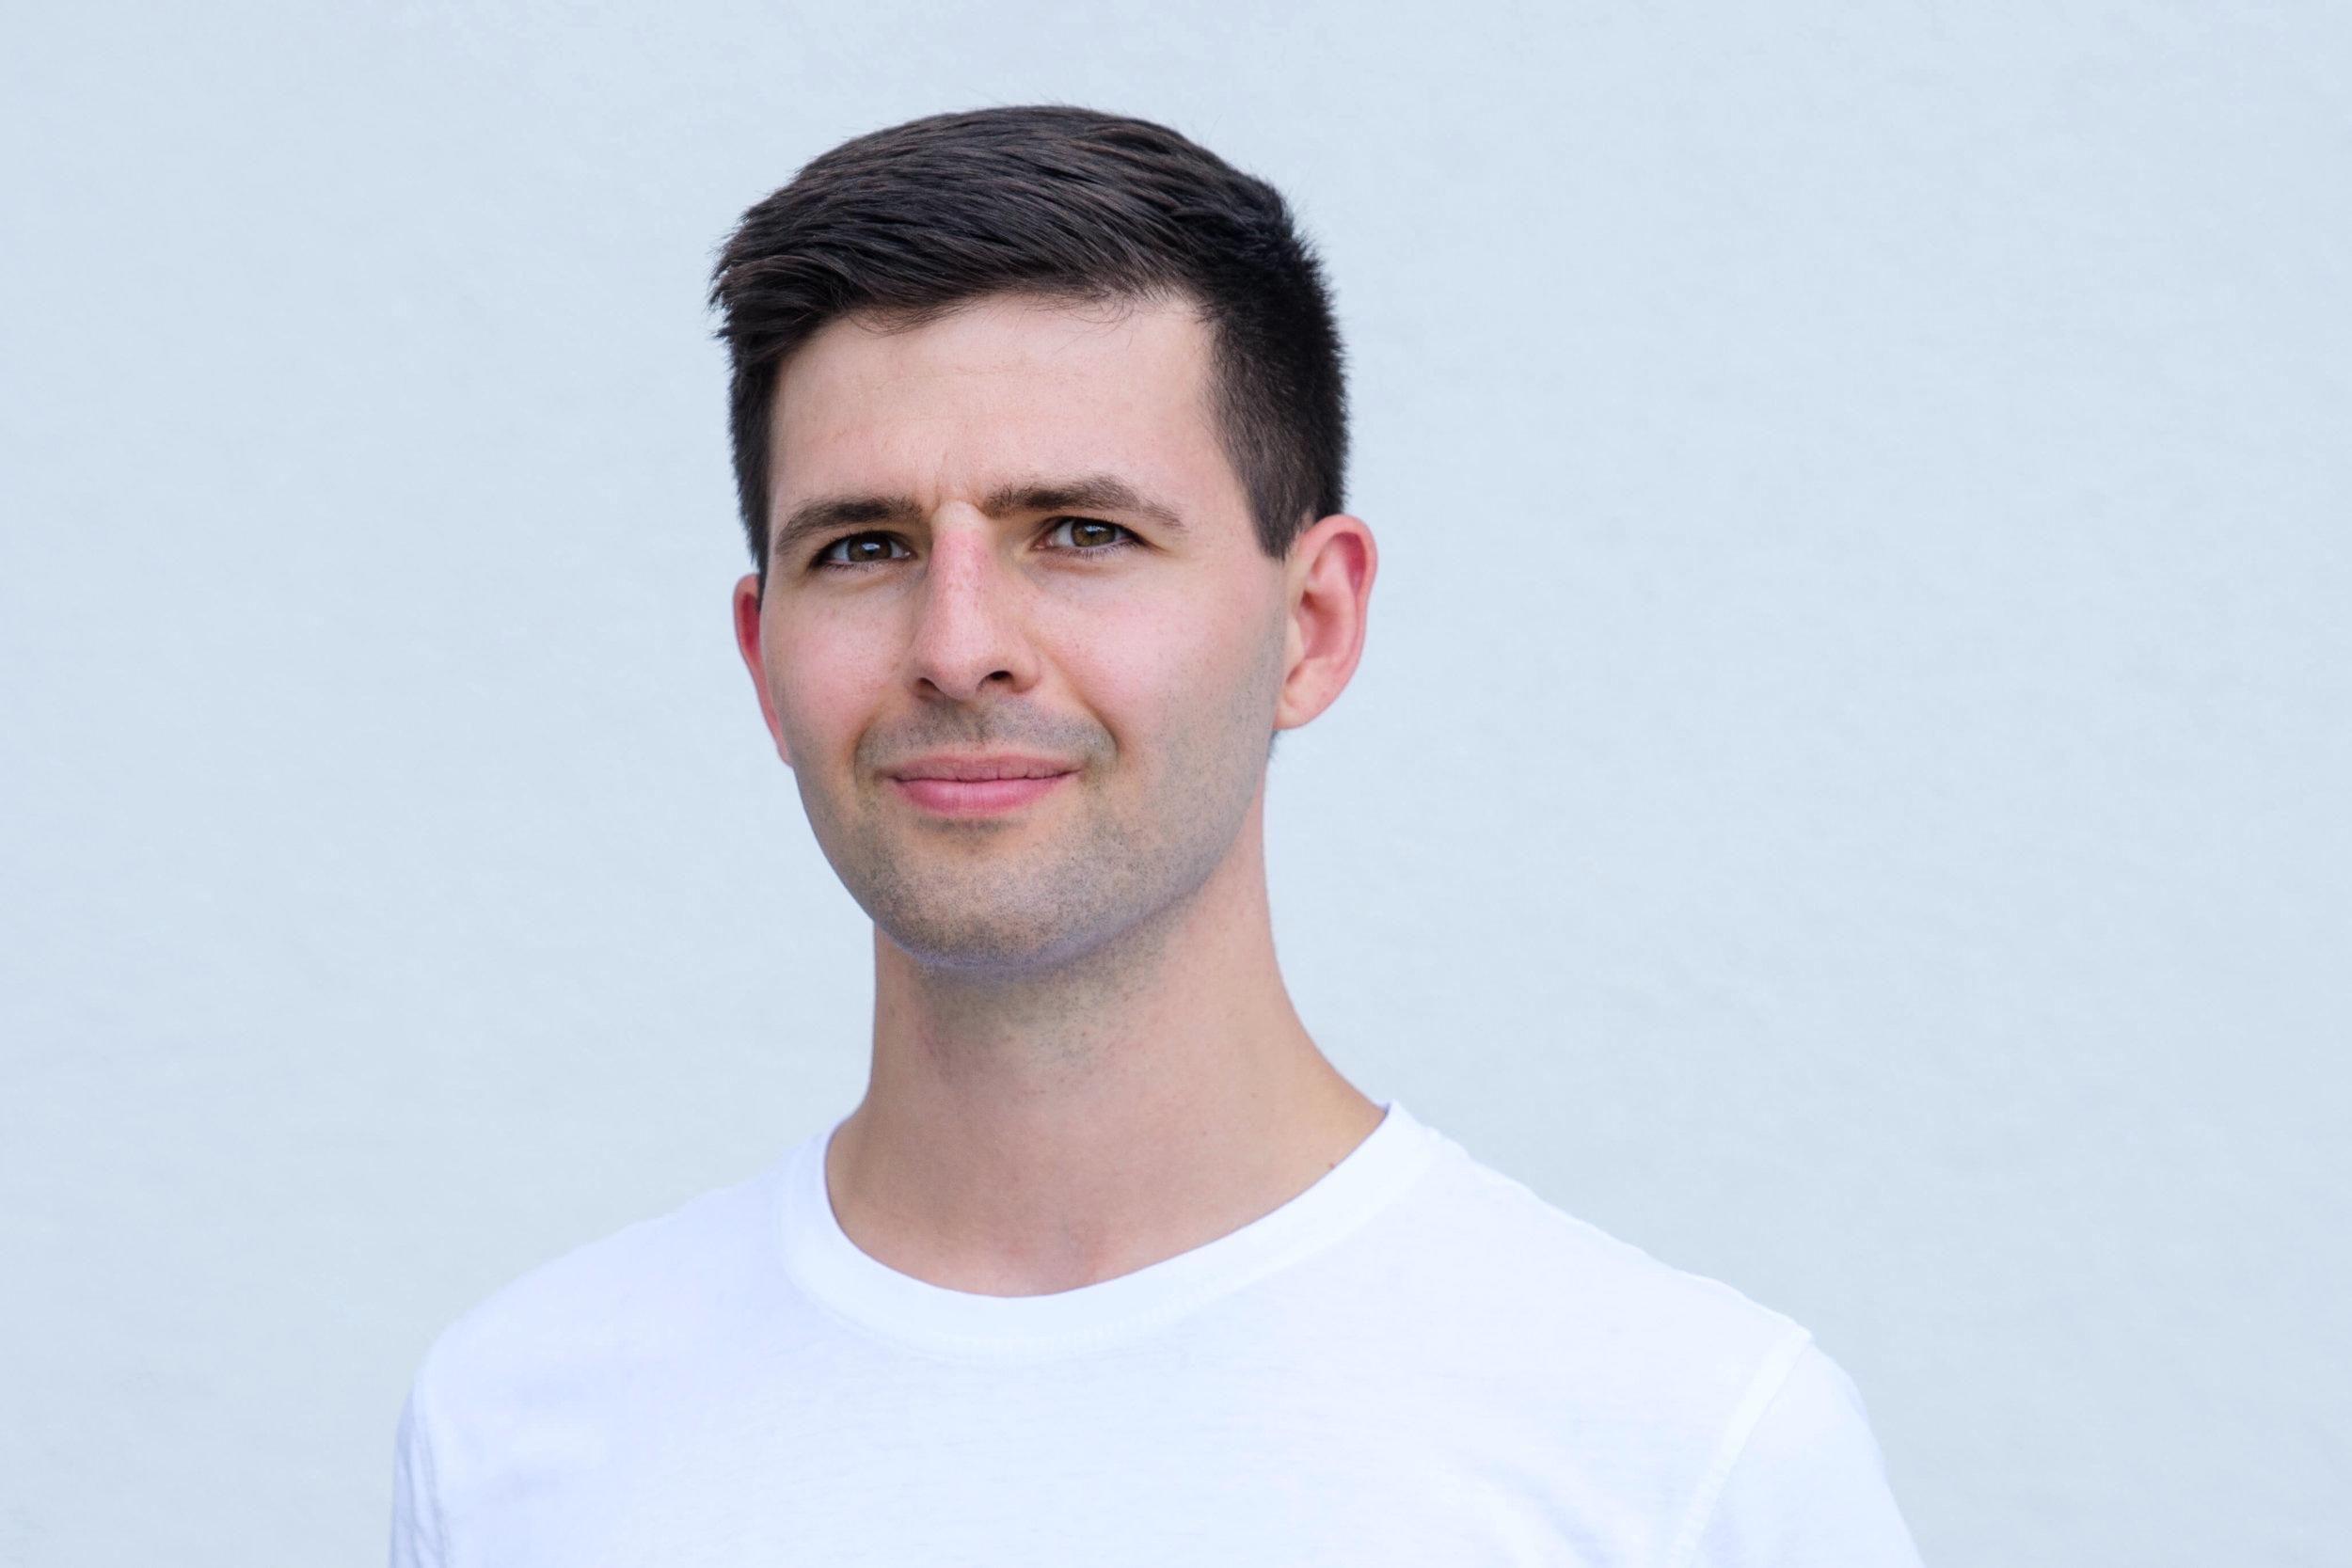 Mateusz Pilutkiewicz - Prowadzi zajęcia związane z analizą ruchu i czuciem własnego ciała. Na co dzień pracuje w gabinecie fizjoterapii i osteopatii. Wieczny student (podobno człowiek uczy się całe życie). W pracy zawodowej kieruje się mottem: